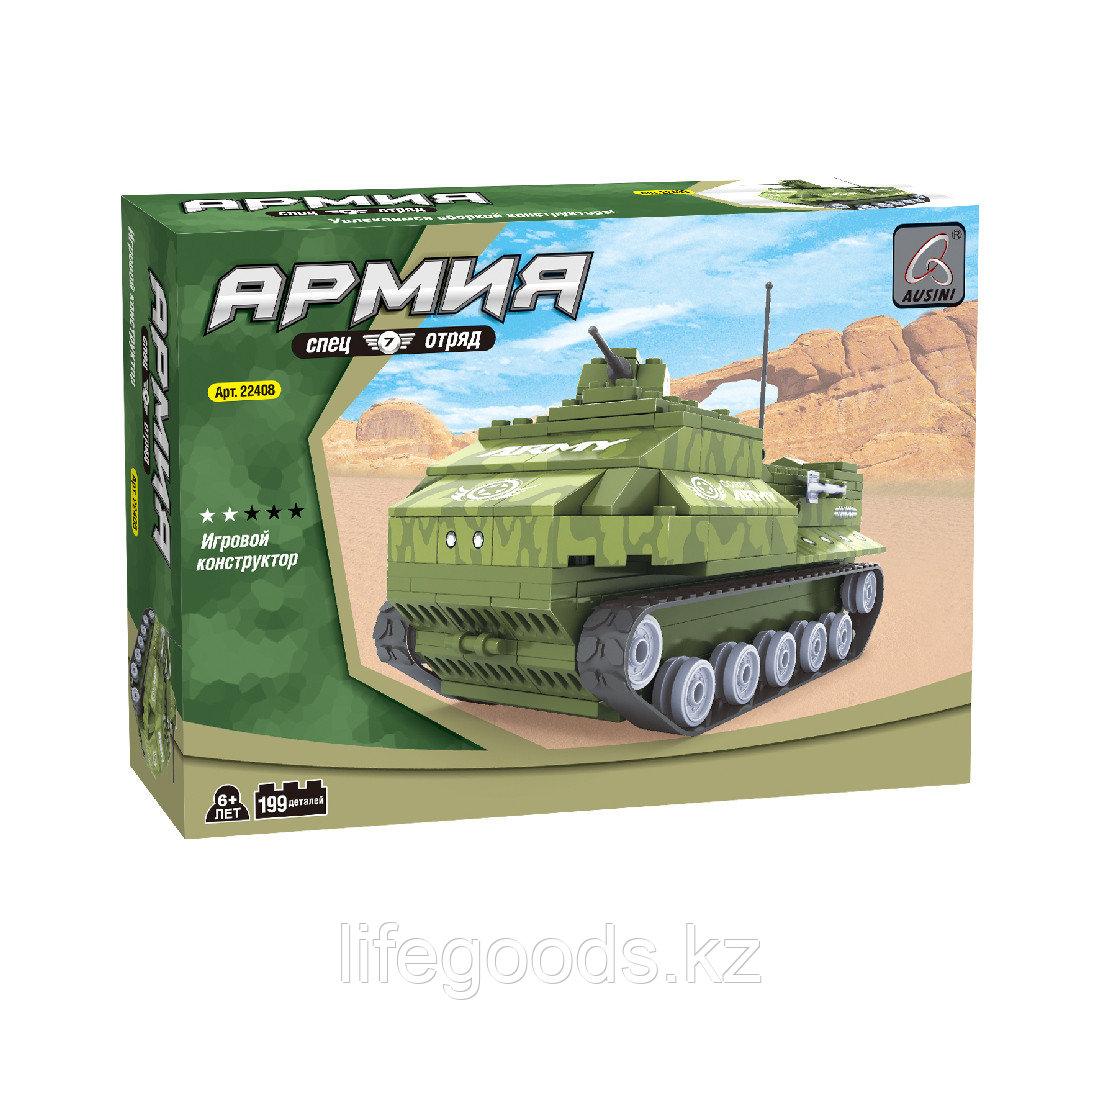 Игровой конструктор Ausini 22408 АРМИЯ